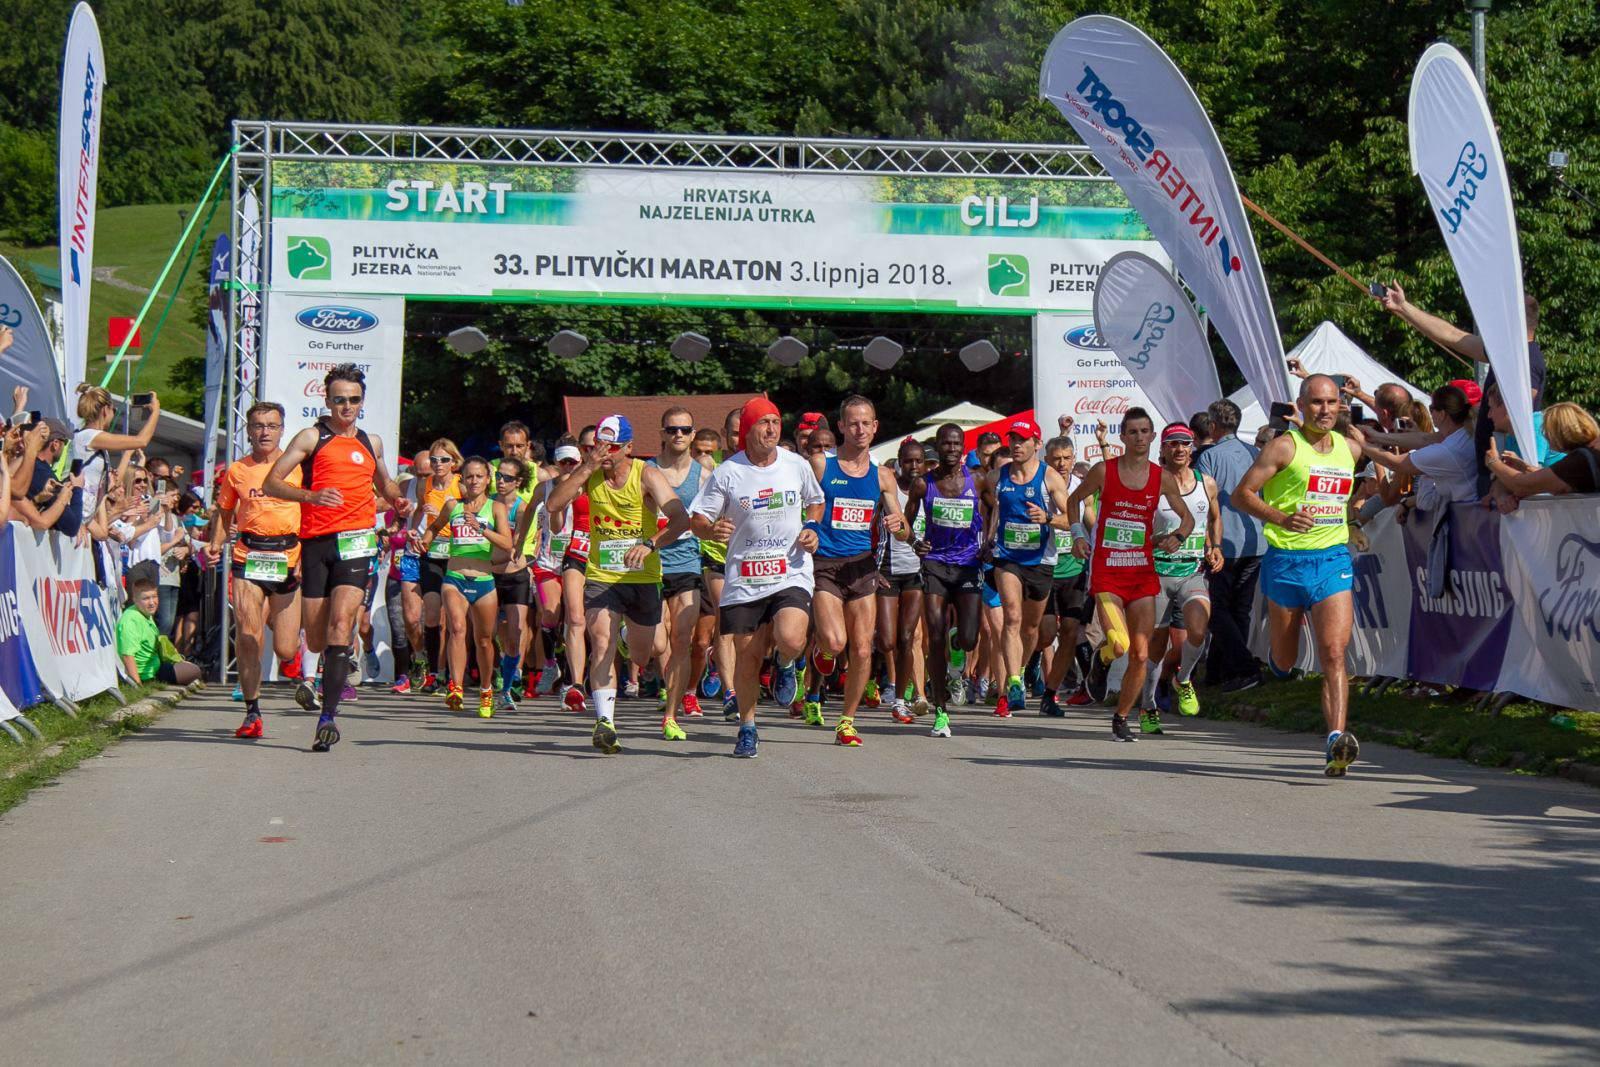 Državni prvaci  u maratonu su Milorad Vojvodić i Matea Hačić